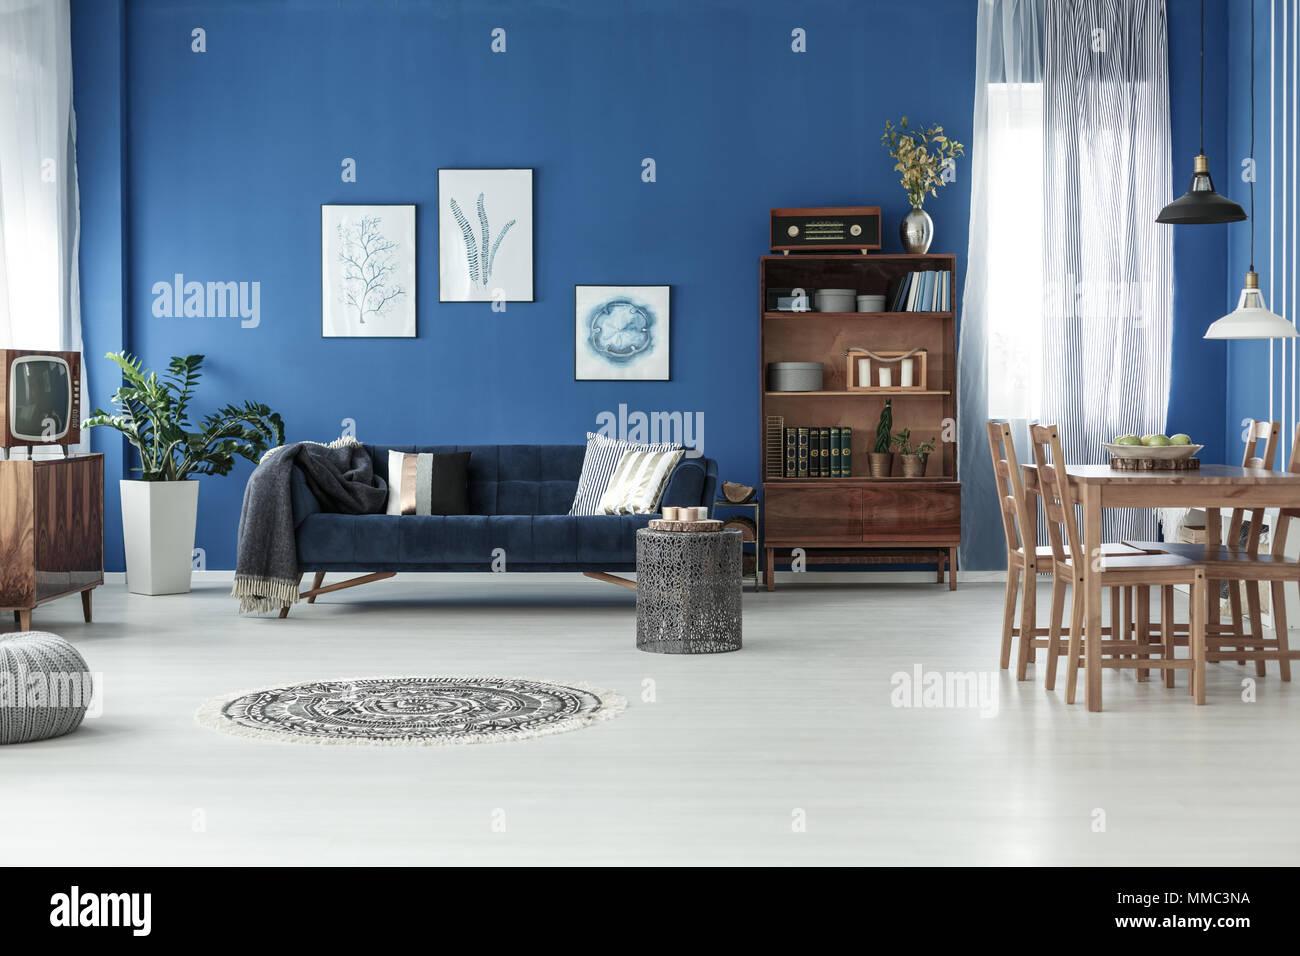 Holzfußboden Wohnzimmer ~ Geräumige retro stil wohnzimmer mit holzfußboden und blauen wand